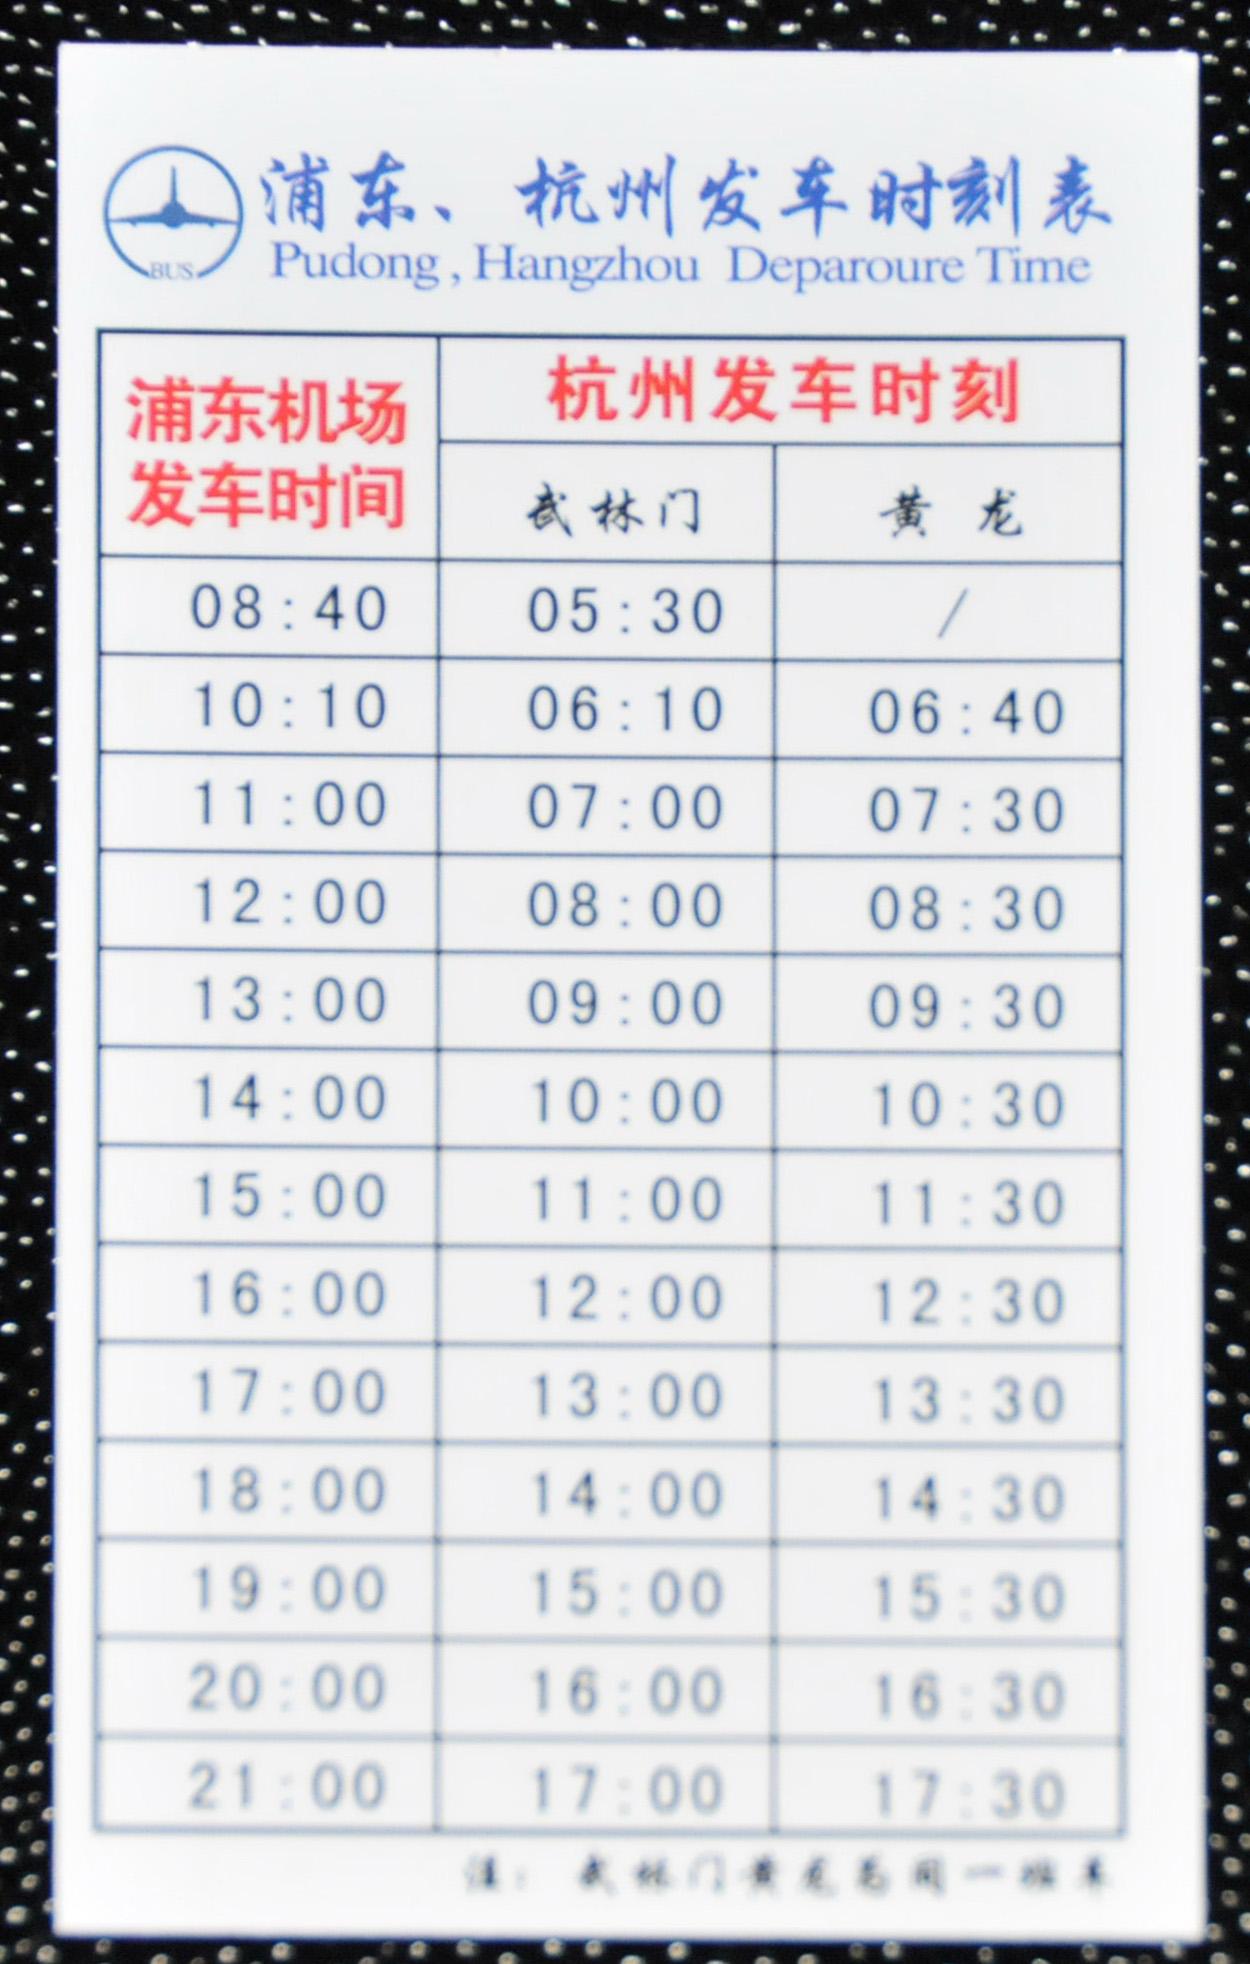 杭州-上海浦东机场大巴时刻表